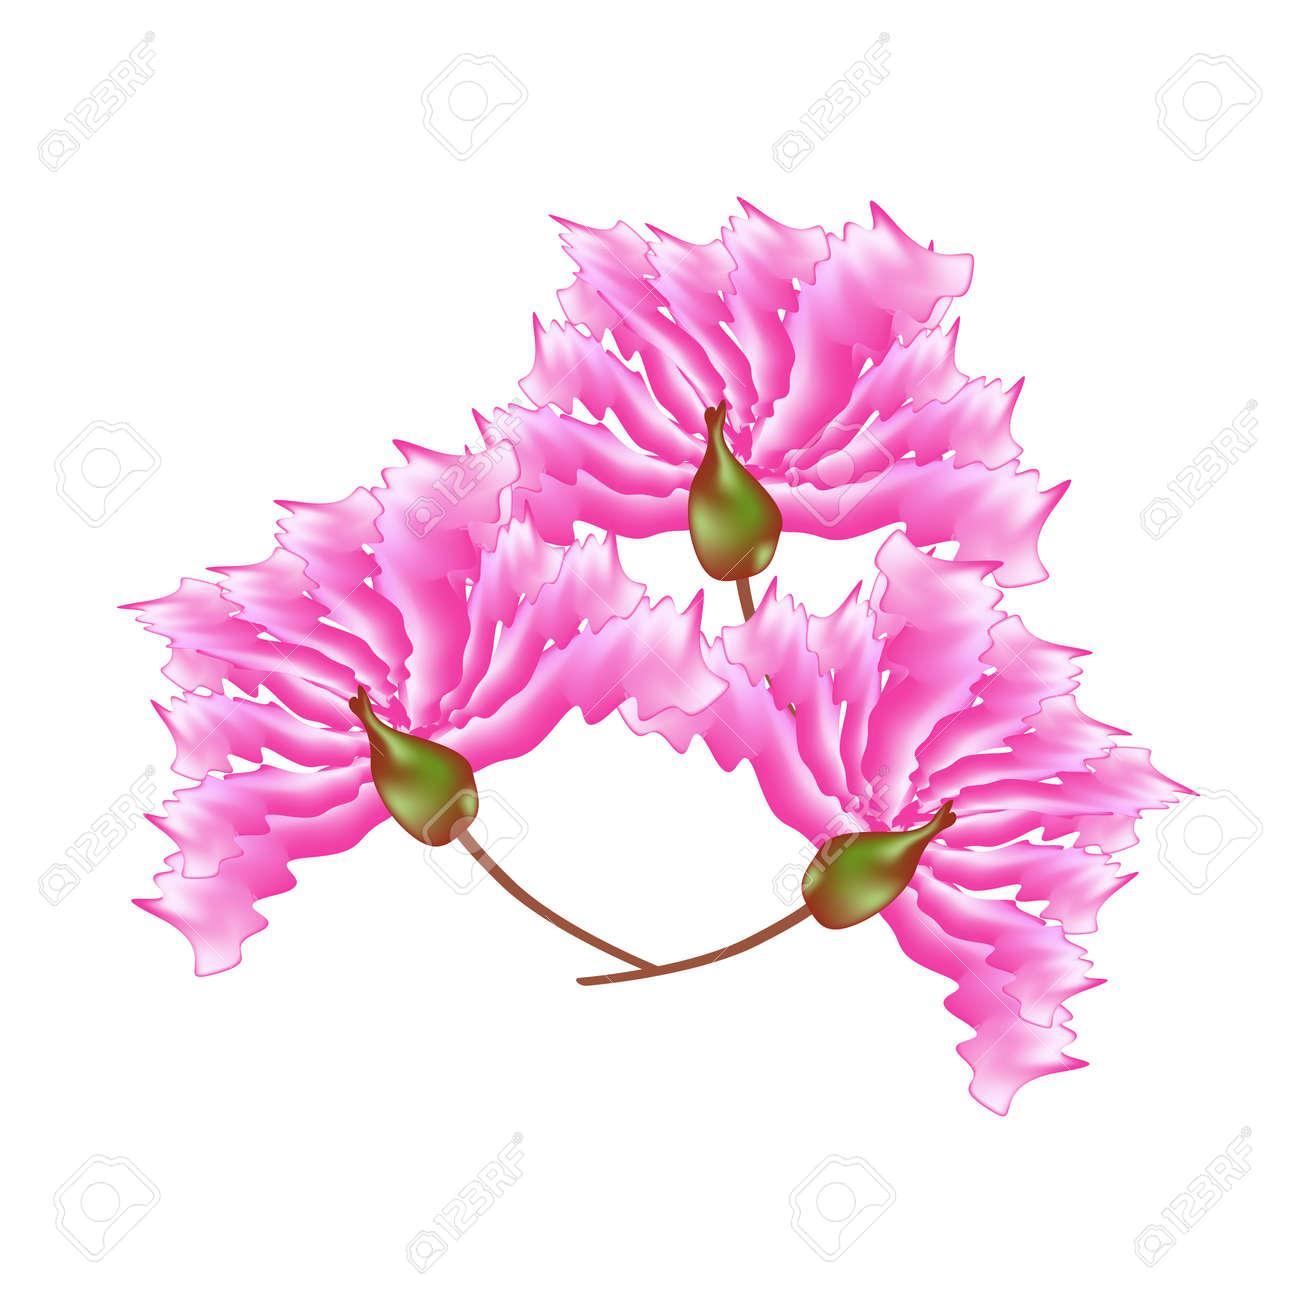 Beautiful flower illustration pink crape myrtle flowers or beautiful flower illustration pink crape myrtle flowers or lagerstroemia indica flowers isolated on white background mightylinksfo